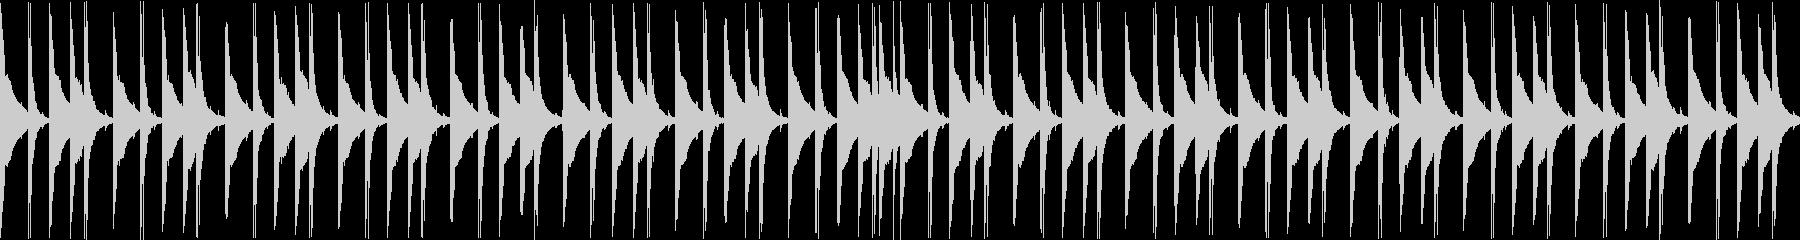 ジャンベ|リズム・ループ 1の未再生の波形